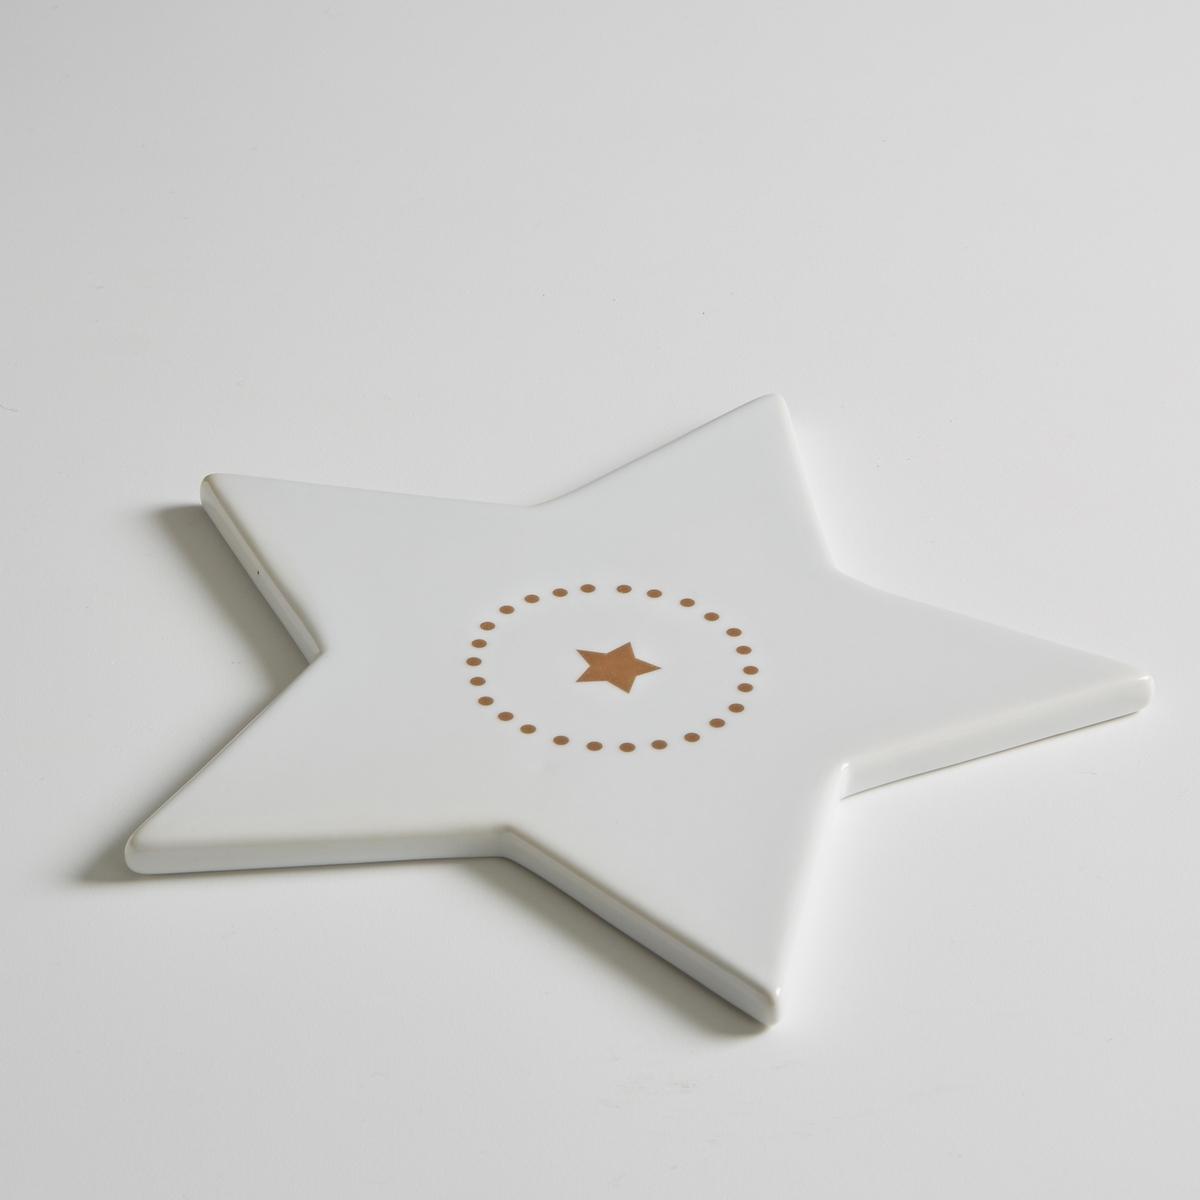 Подставка для блюда в форме звезды из фарфора, KublerПодставка для блюда в форме звезды из фарфора Kubler . Благородный фарфор в сочетании с оригинальными рисунками создают невероятно модный столовый аксессуар . Рисунок в виде звезды по центру с принтом в горошек вокруг  . Характеристики подставки для блюда в форме звезды из фарфораKubler :- Подставка для блюда из фарфора в форме звезды  - Размеры : 22 x 22 см- Высота : 1 см.- Использование в посудомоечной машине и микроволновой печи запрещеноНайдите комплект посуды из фарфора Kubler на нашем сайте laredoure.ru.<br><br>Цвет: белый<br>Размер: единый размер